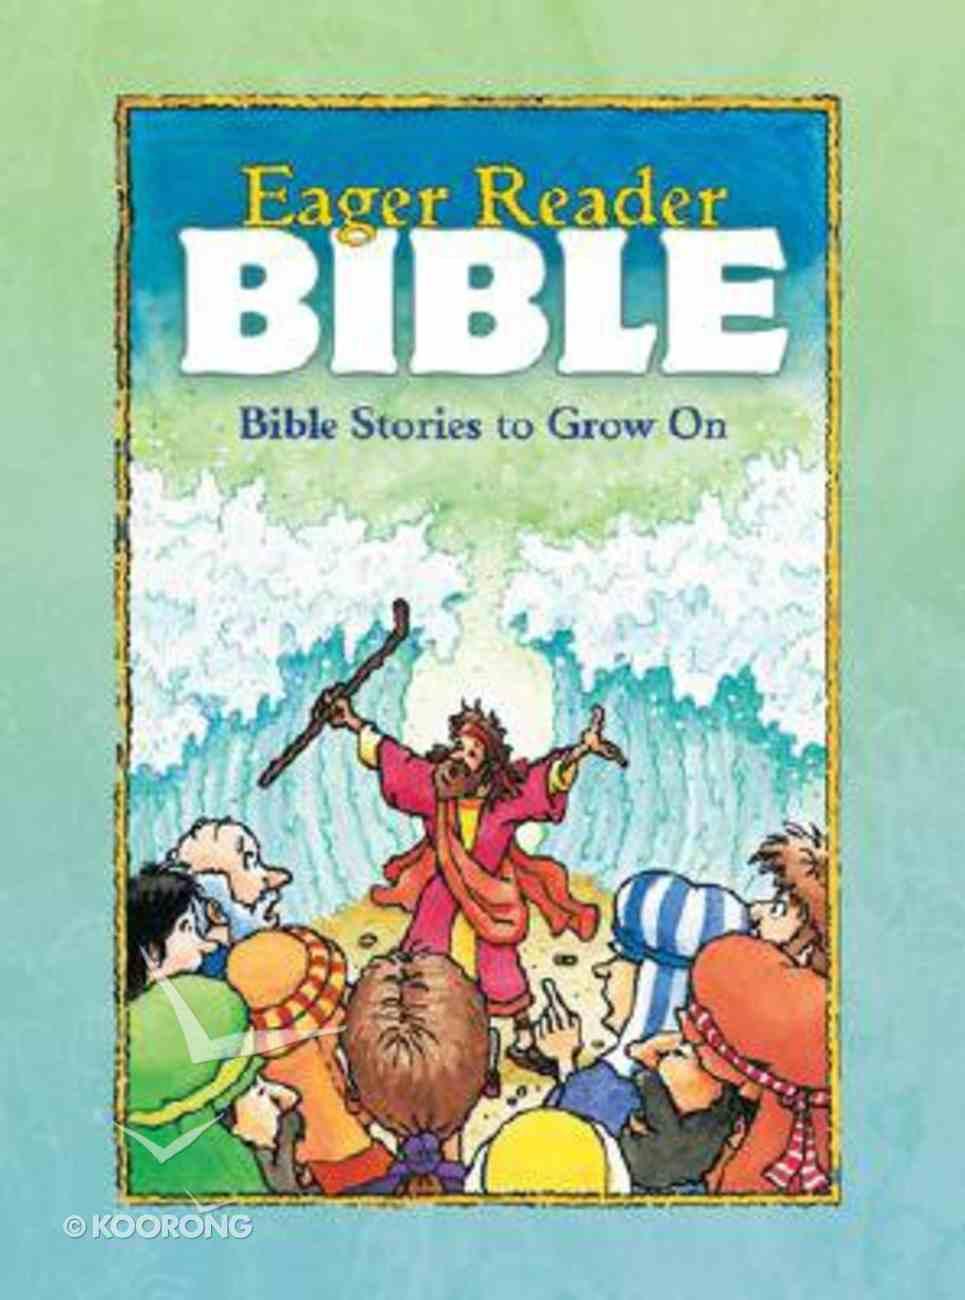 The Eager Reader Bible Hardback